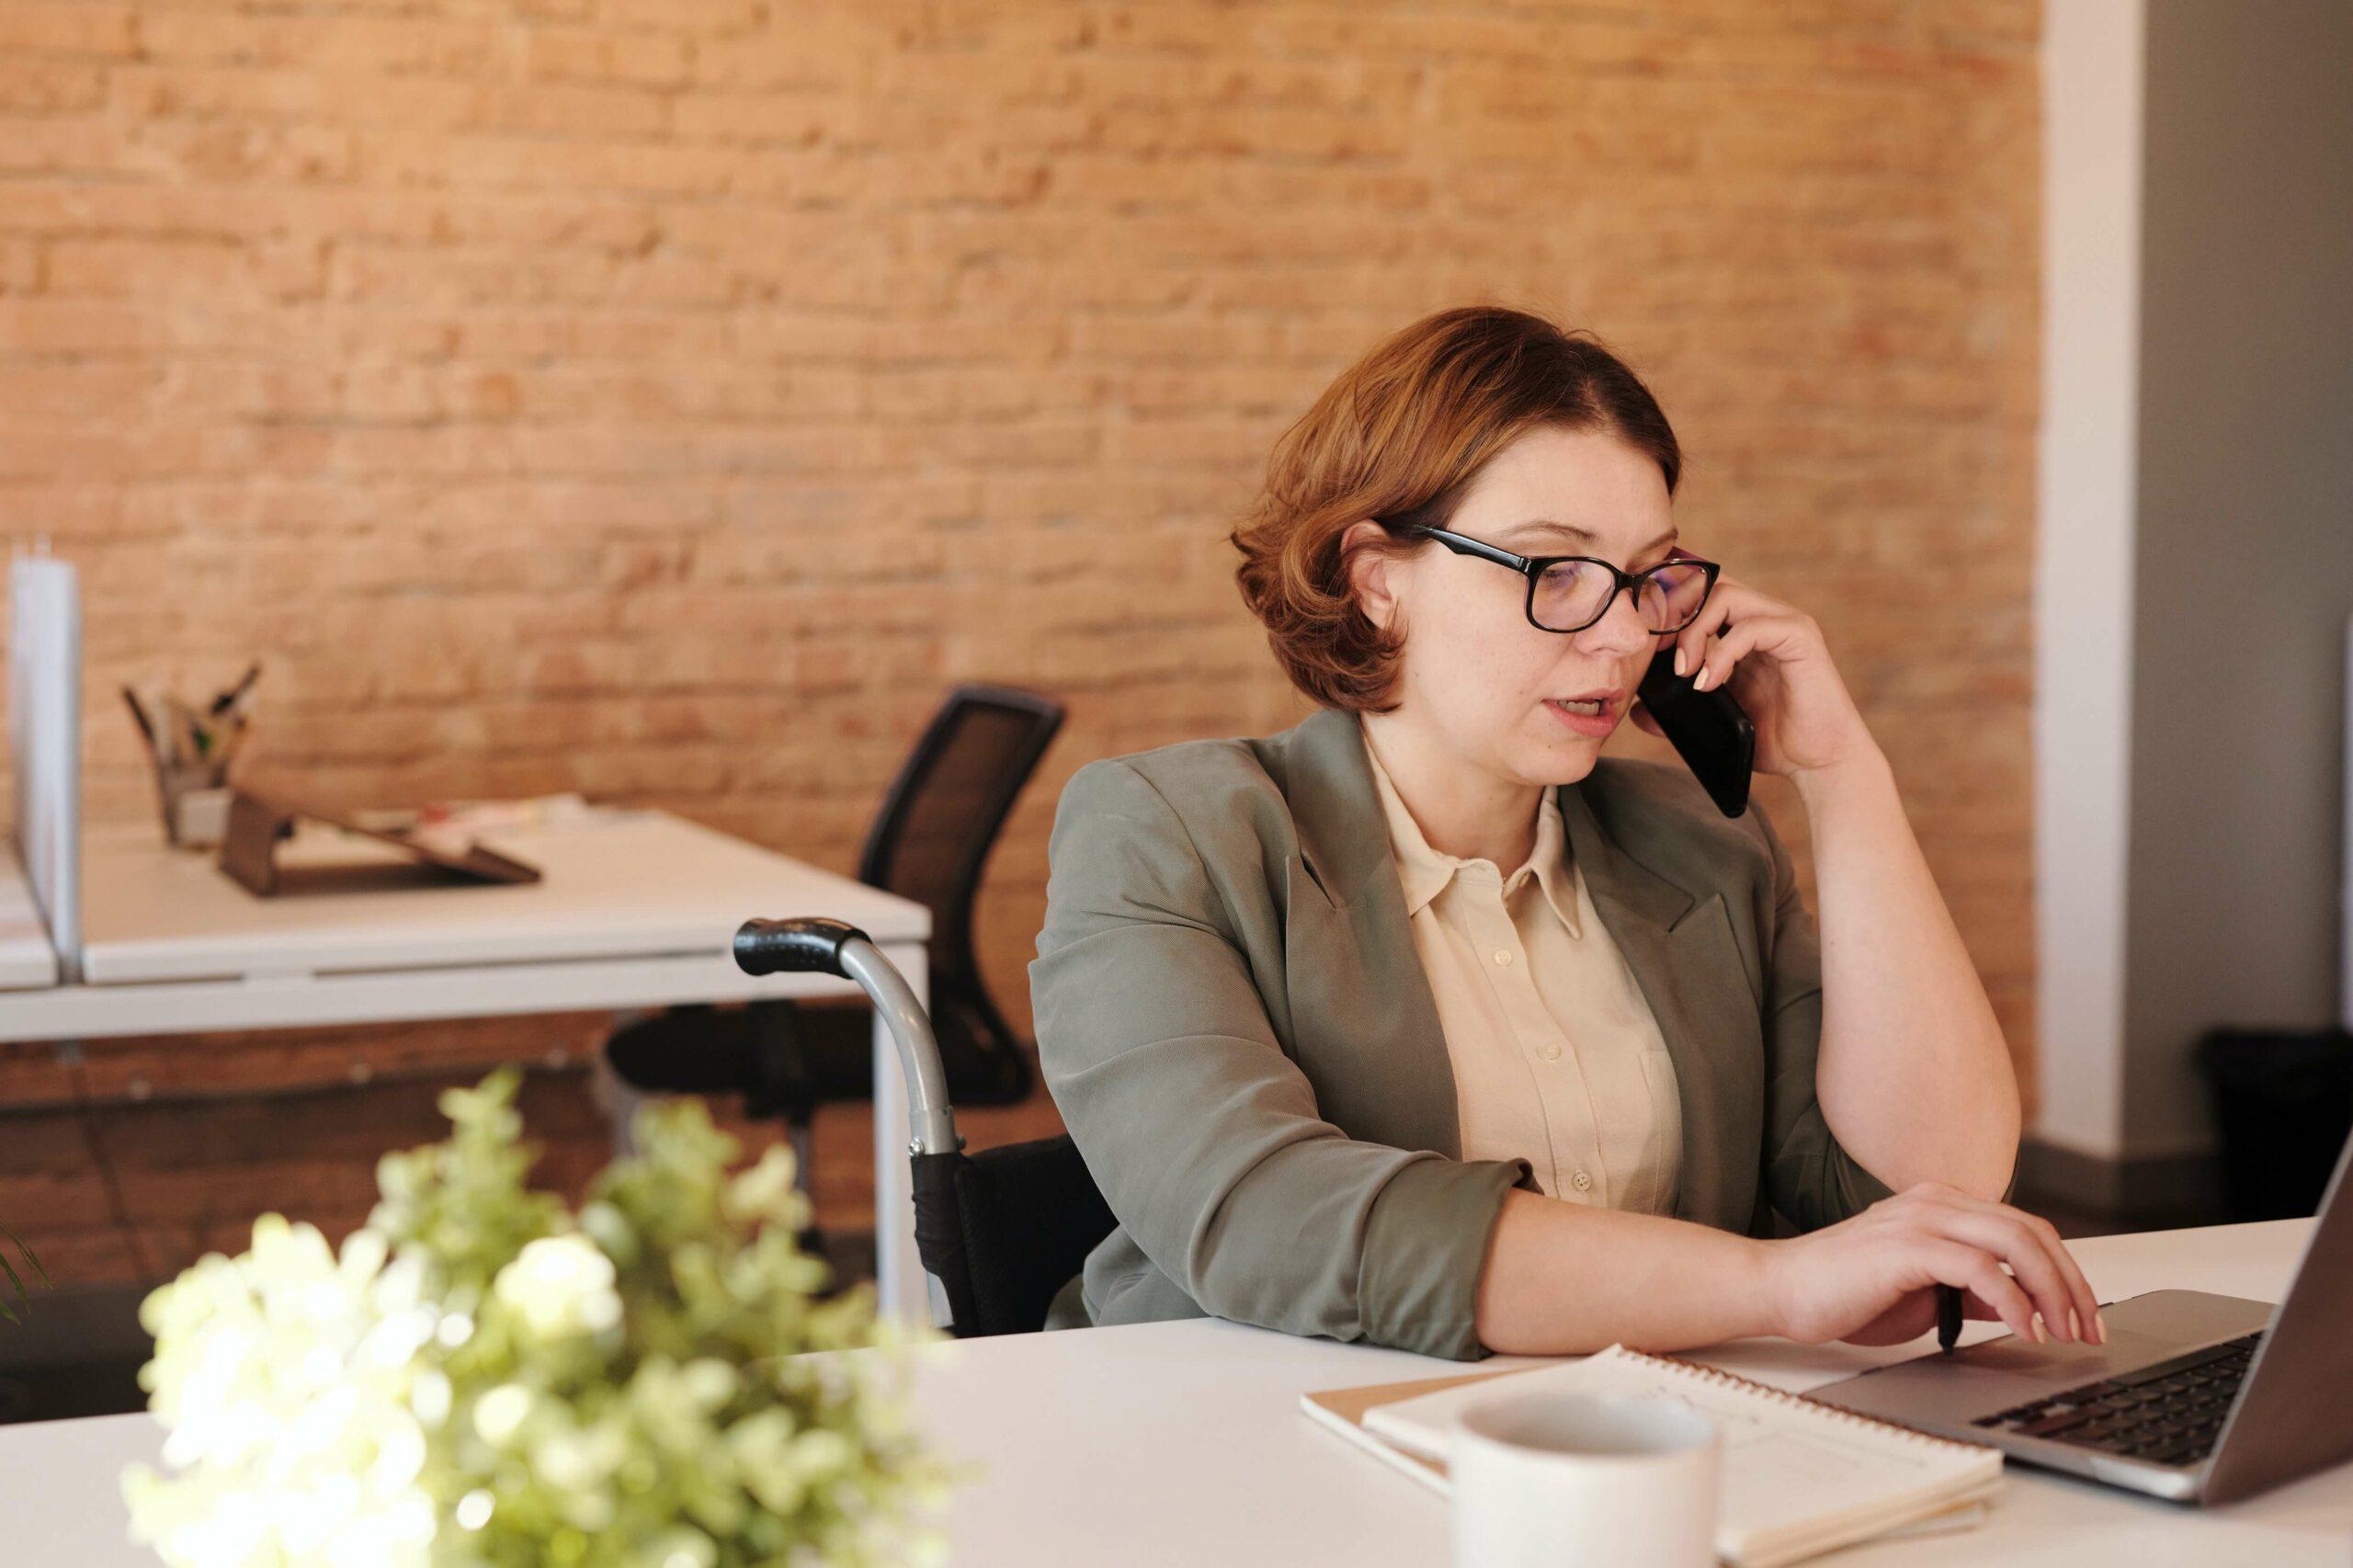 Effectief communiceren tijdens een crisis: 4 eenvoudige tactieken